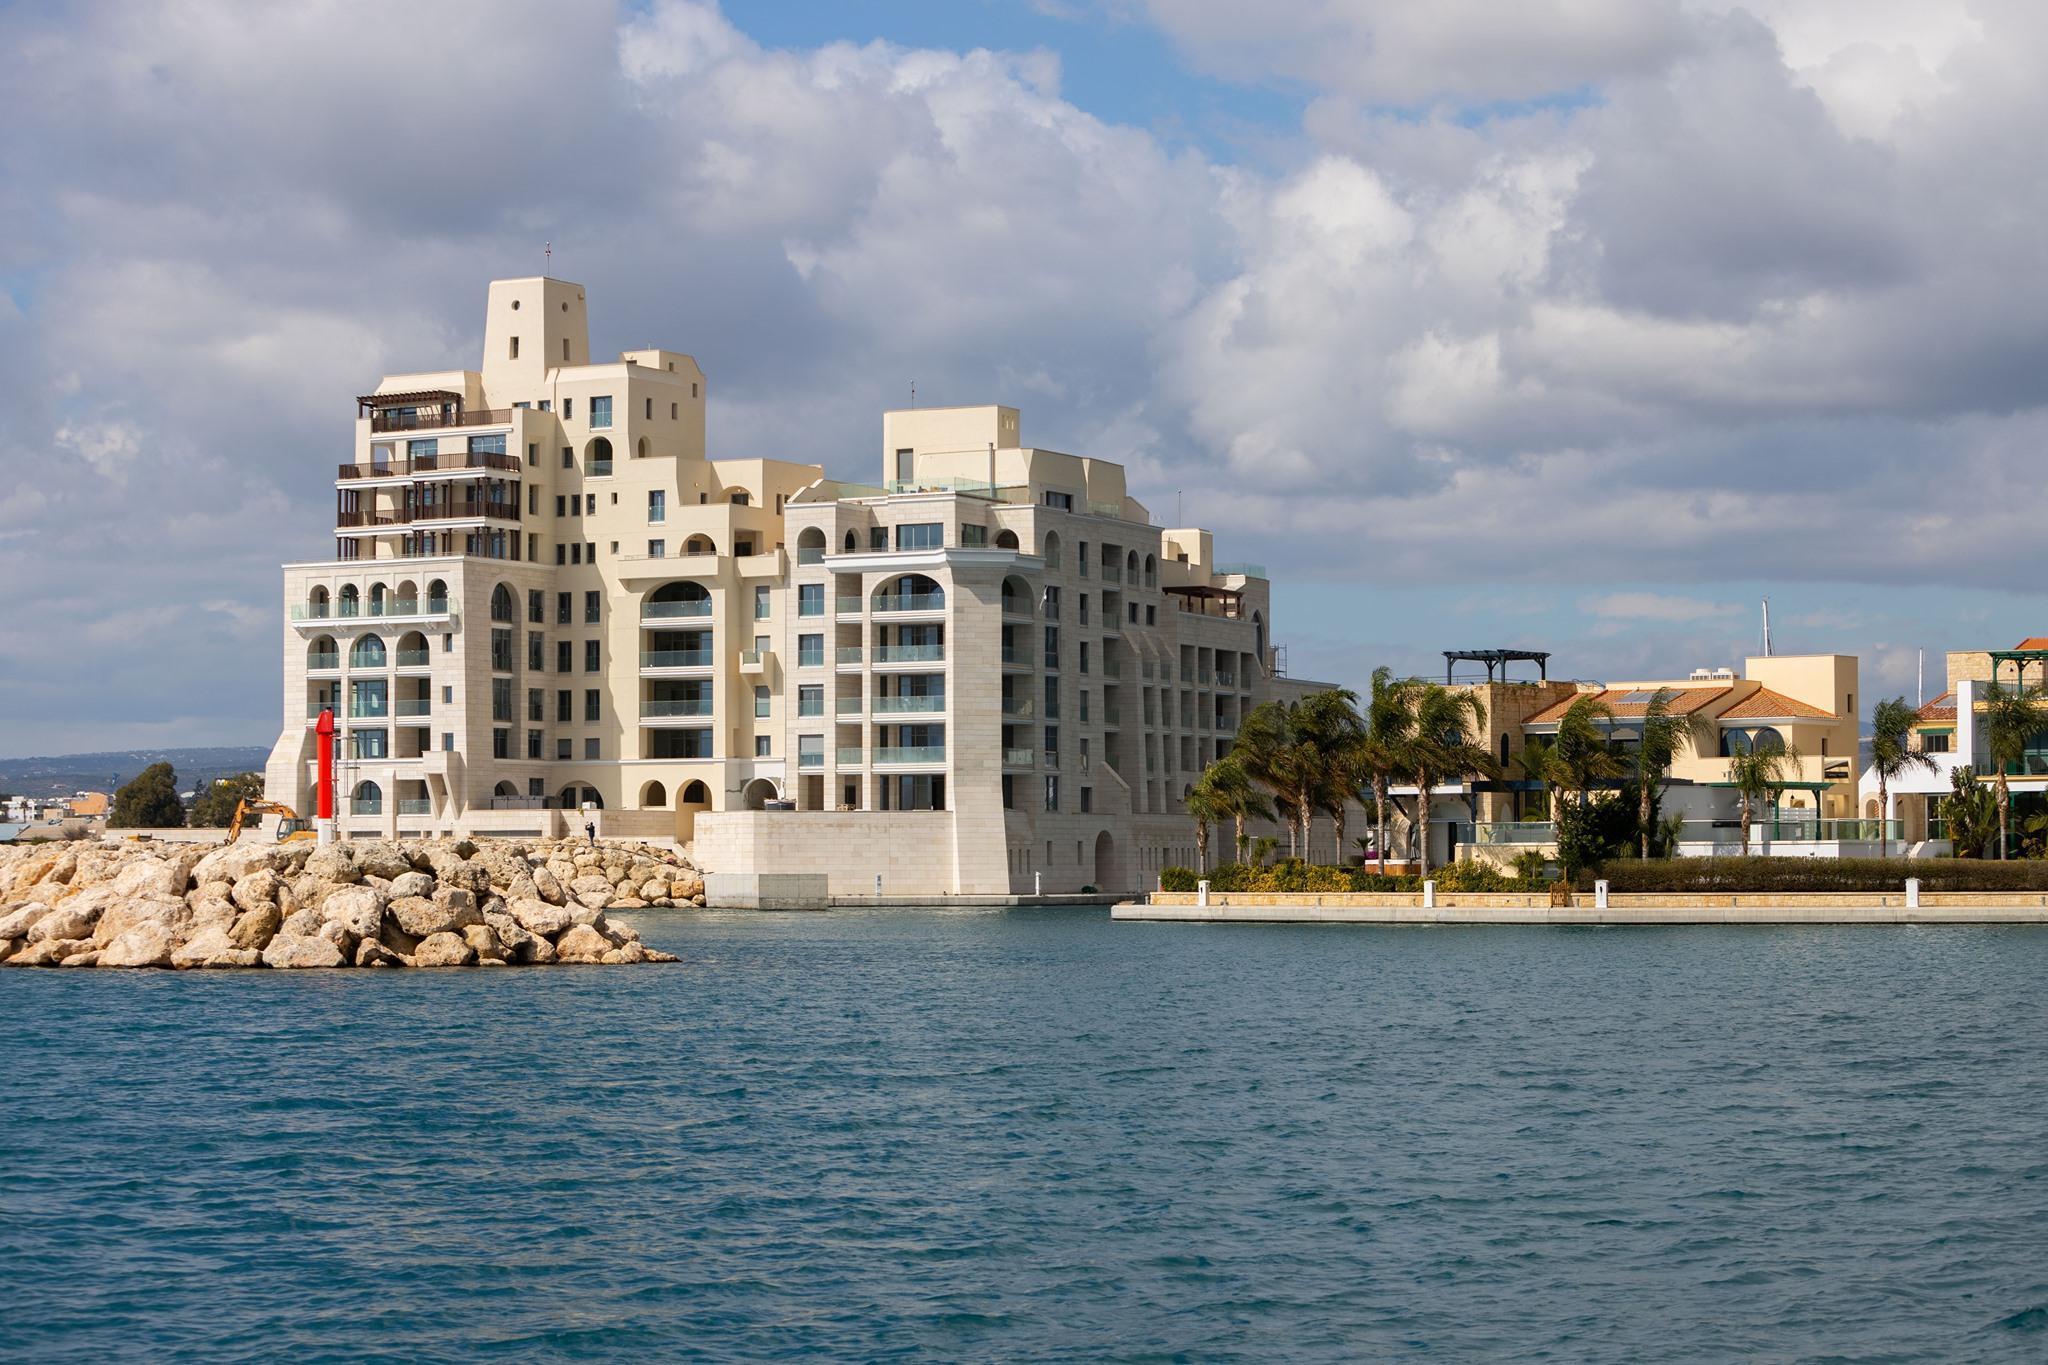 Как продвигаются проекты самых крупных марин Кипра?